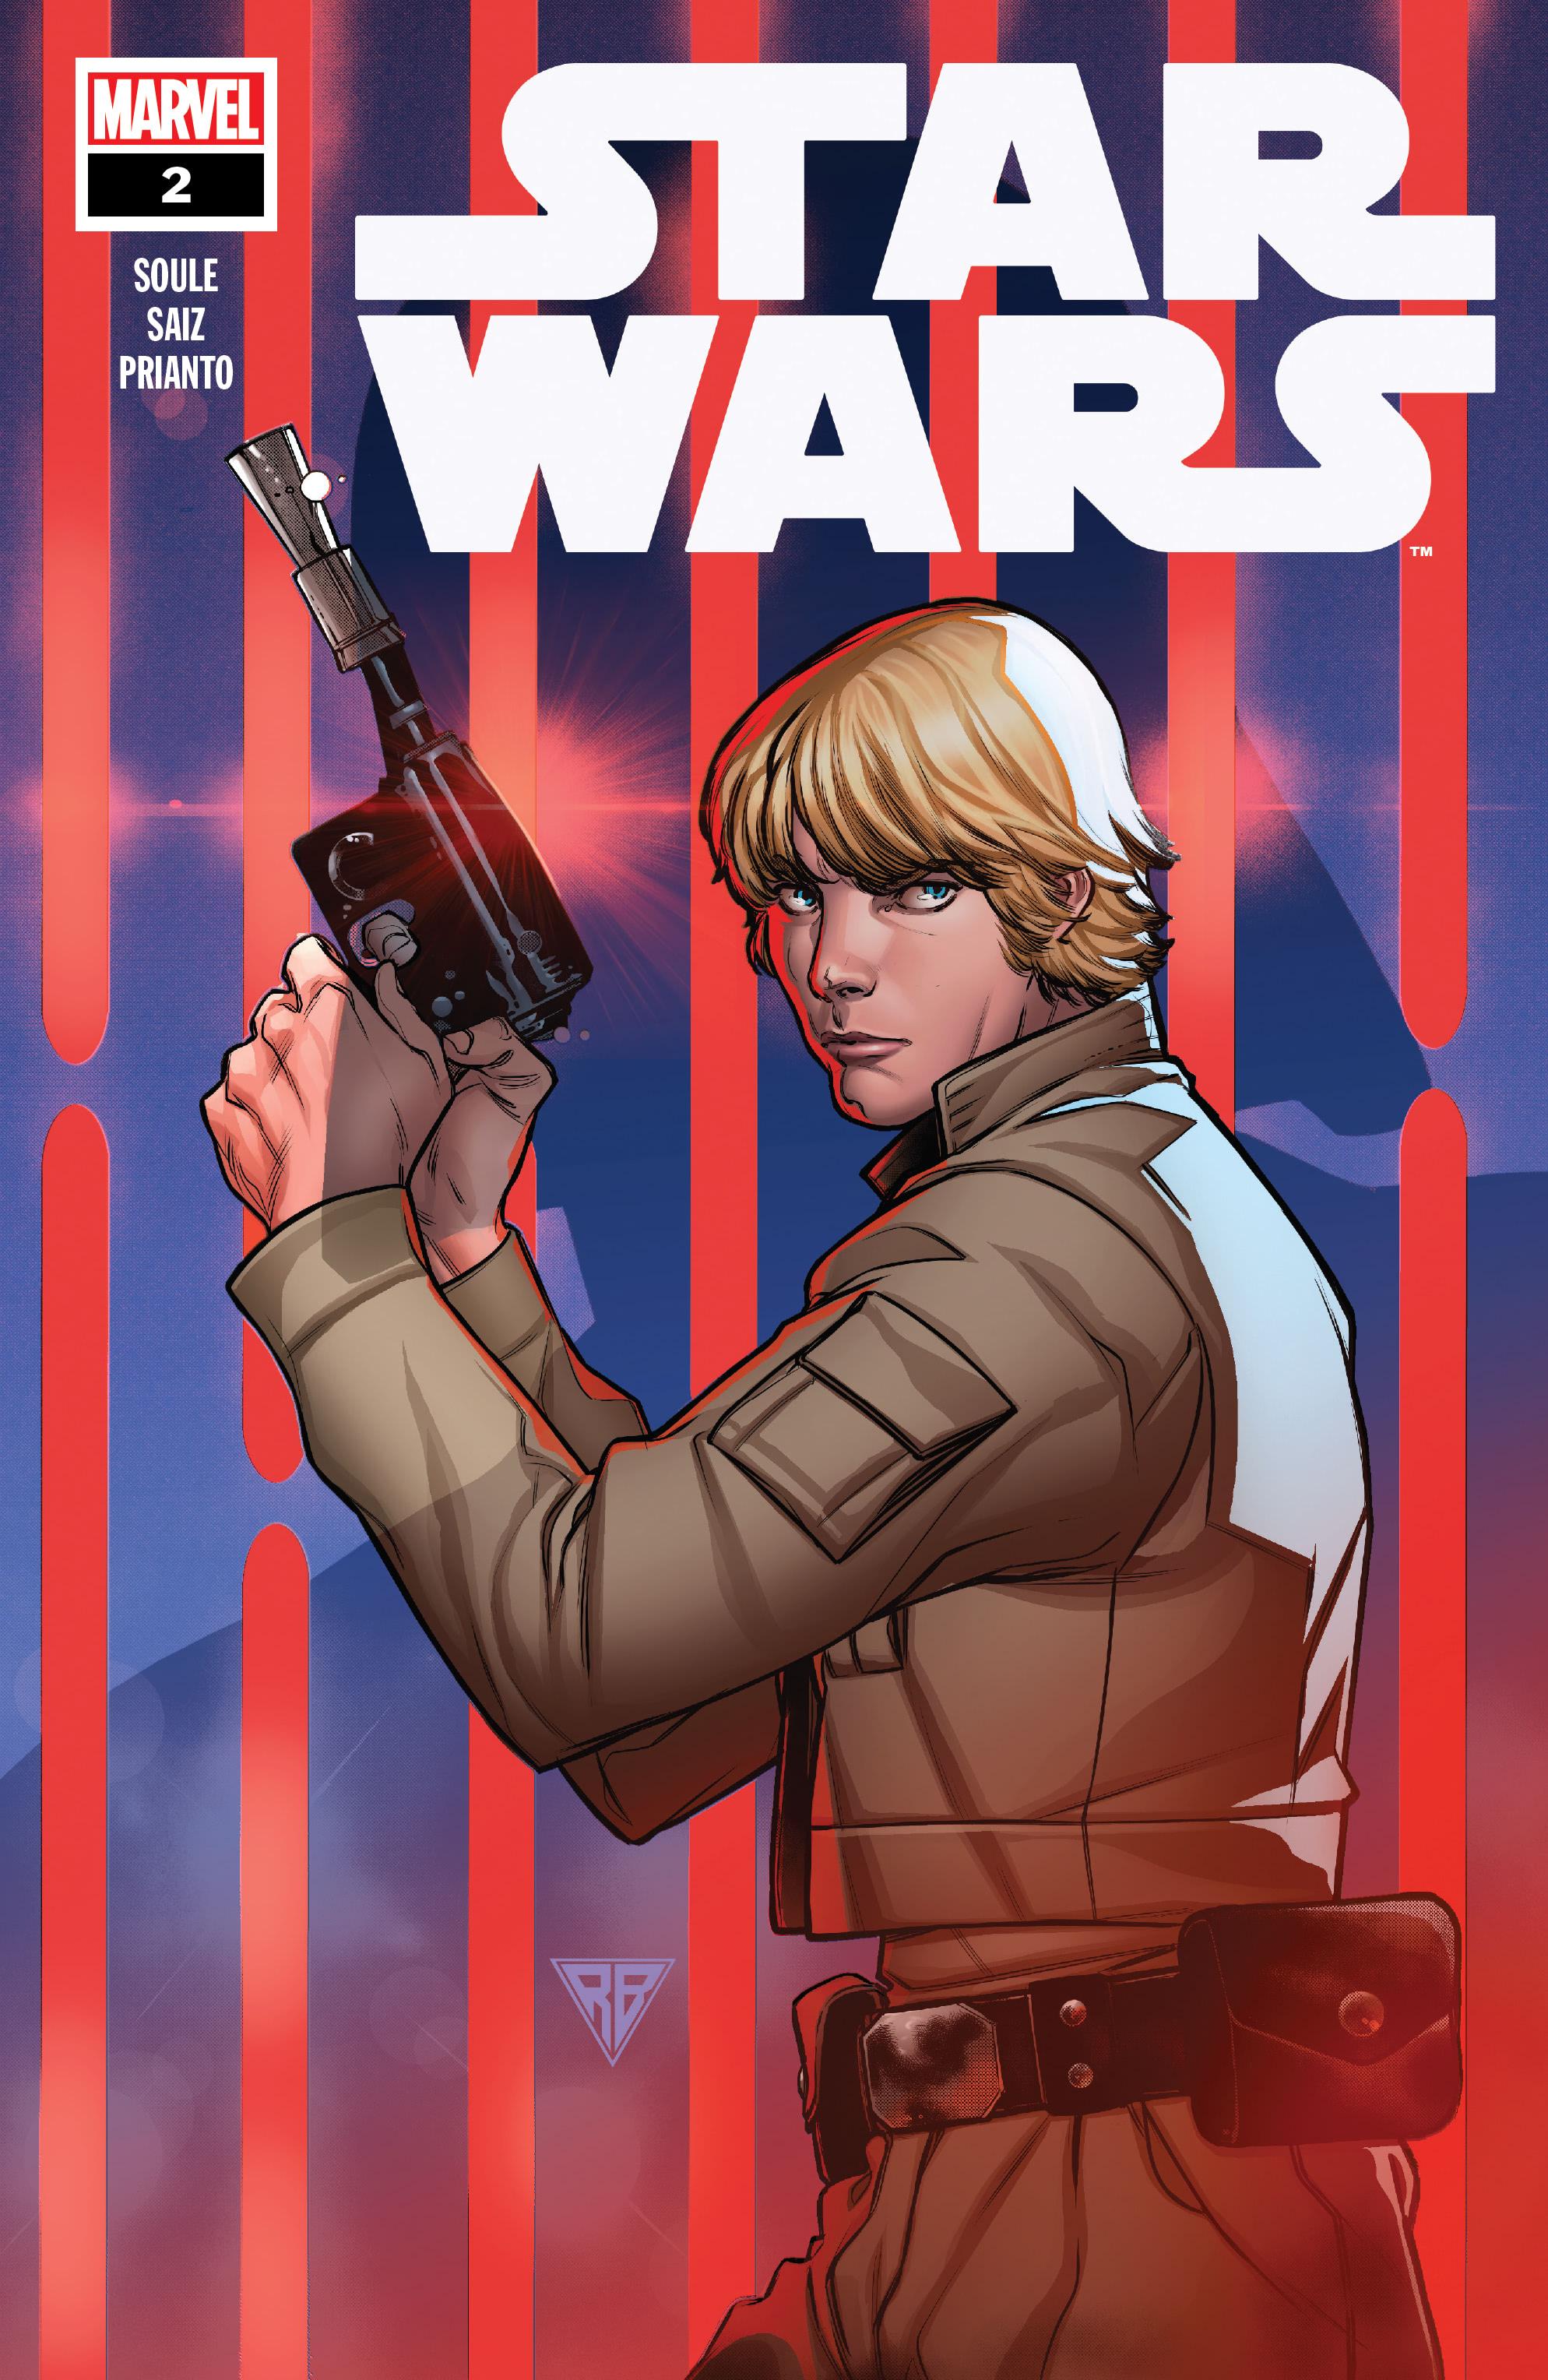 Звёздные войны 2: Путь судьбы, часть 2